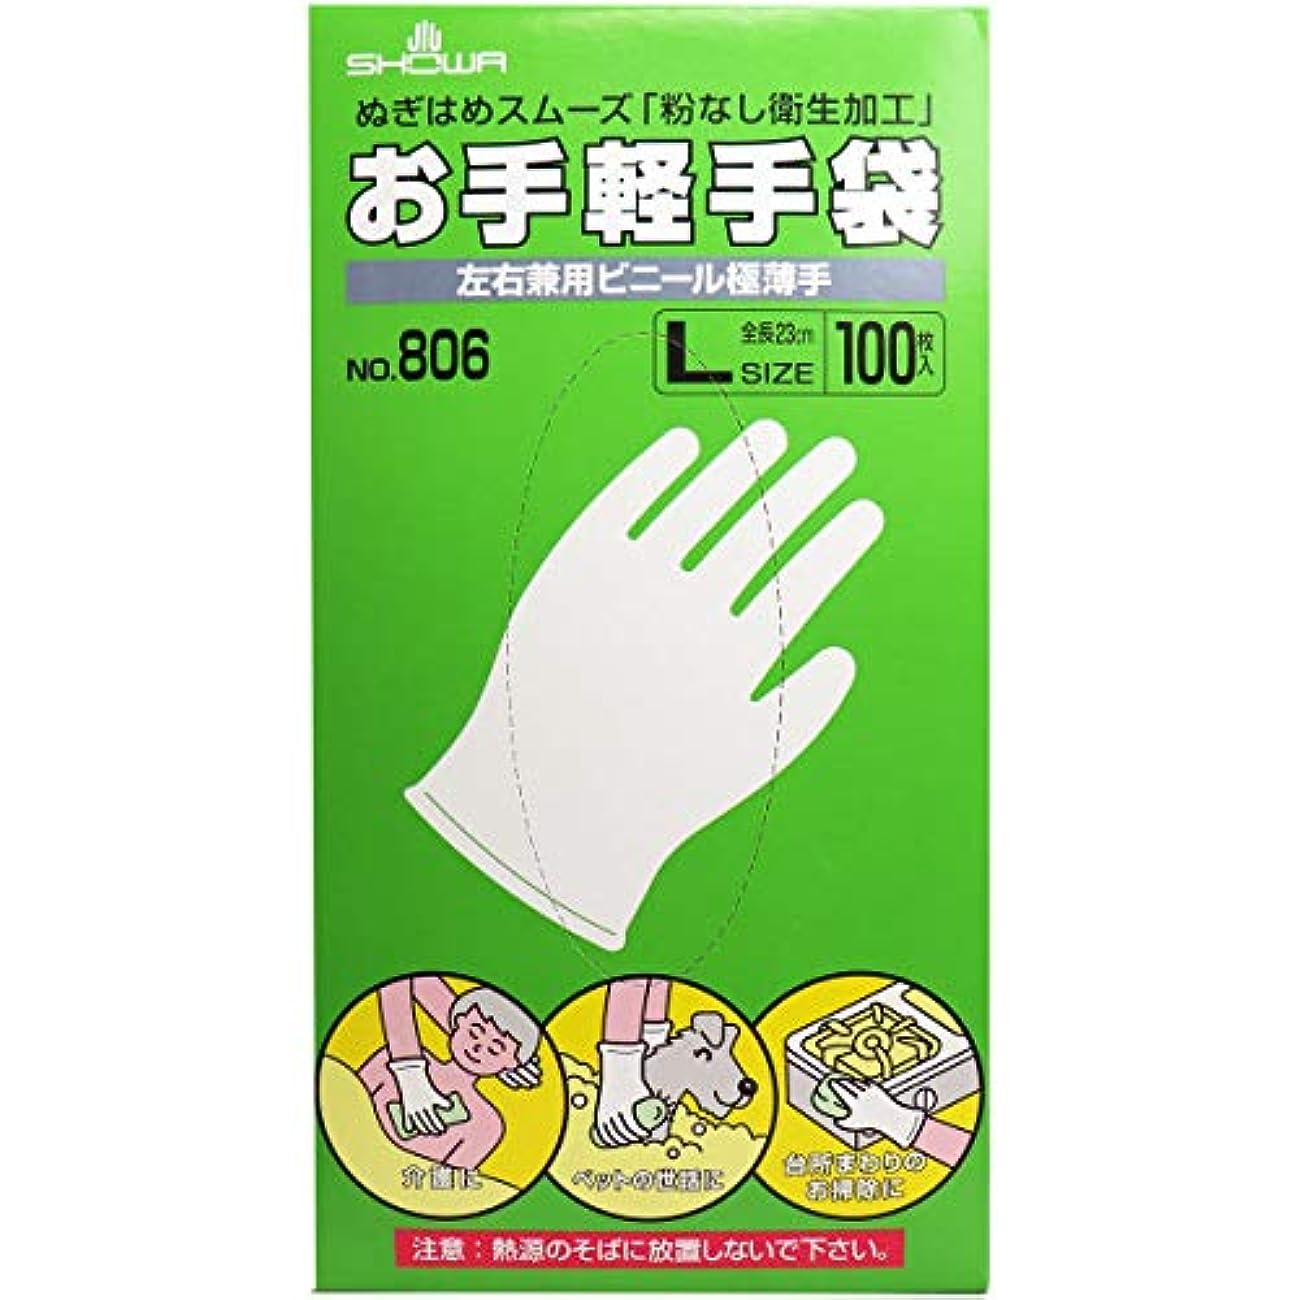 灰アクロバット記念日お手軽手袋 No.806 左右兼用ビニール極薄手 粉なし Lサイズ 100枚入×2個セット